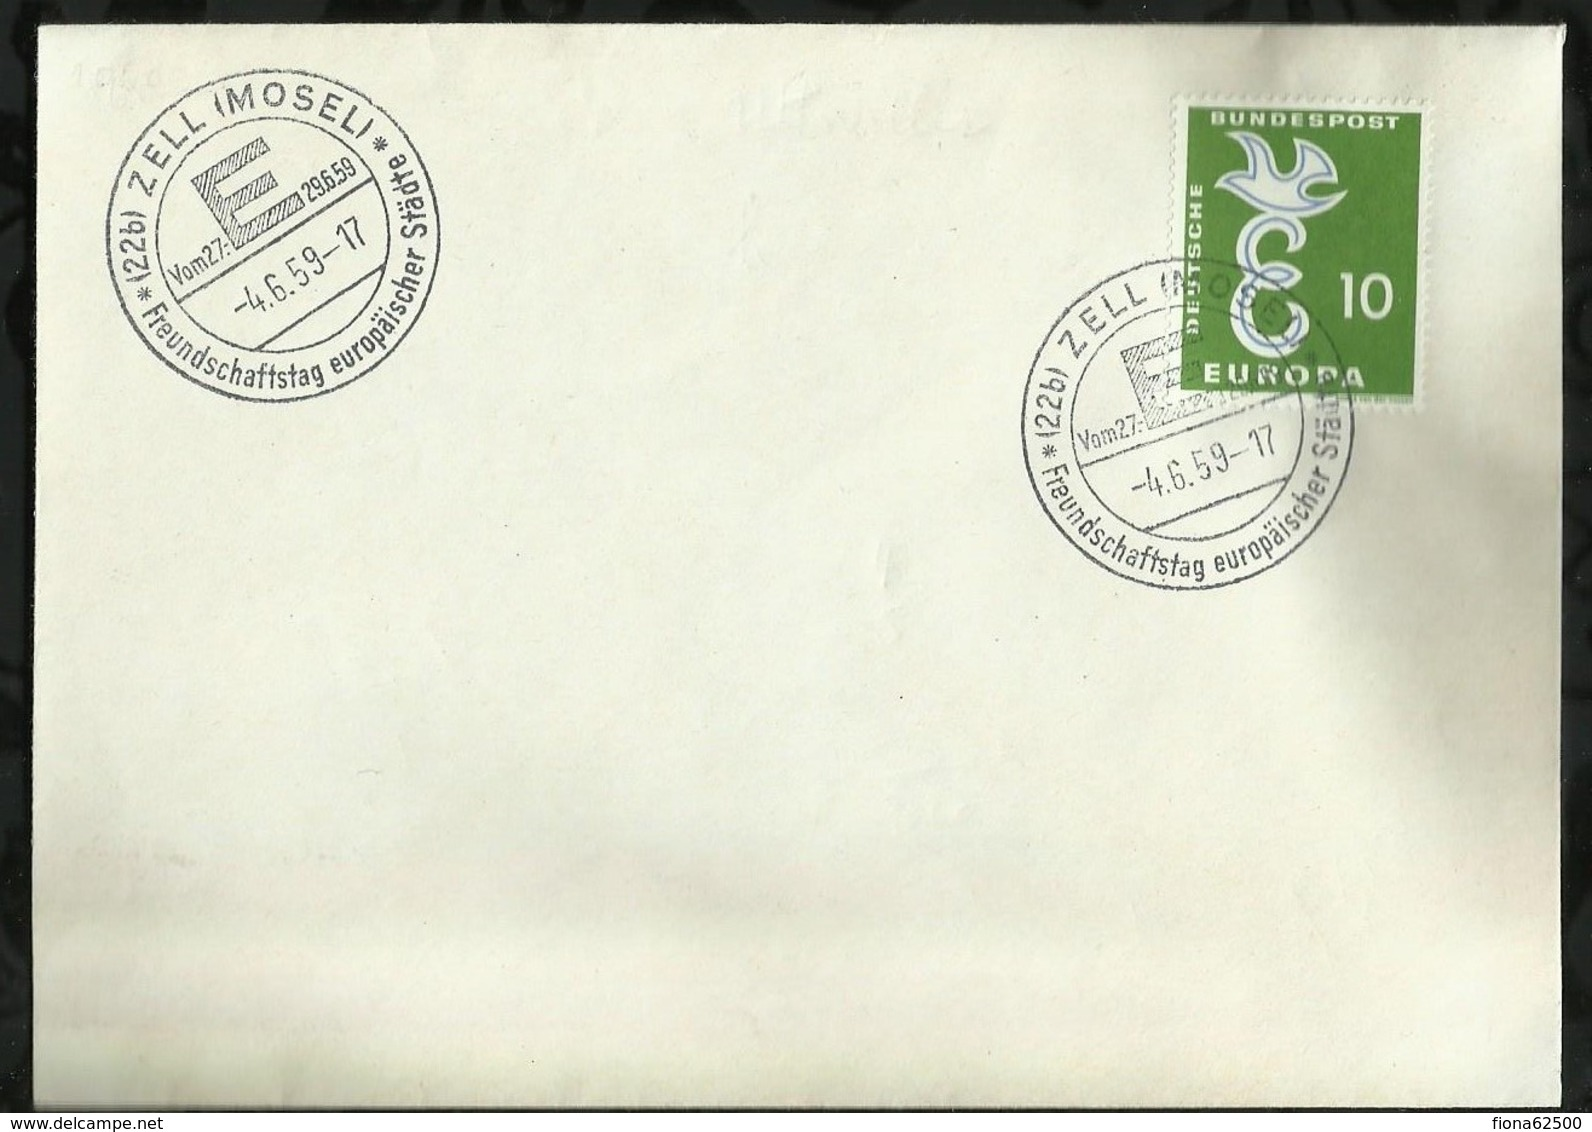 ENVELOPPE DATEE DU : 04 JUIN 1959 . - BRD